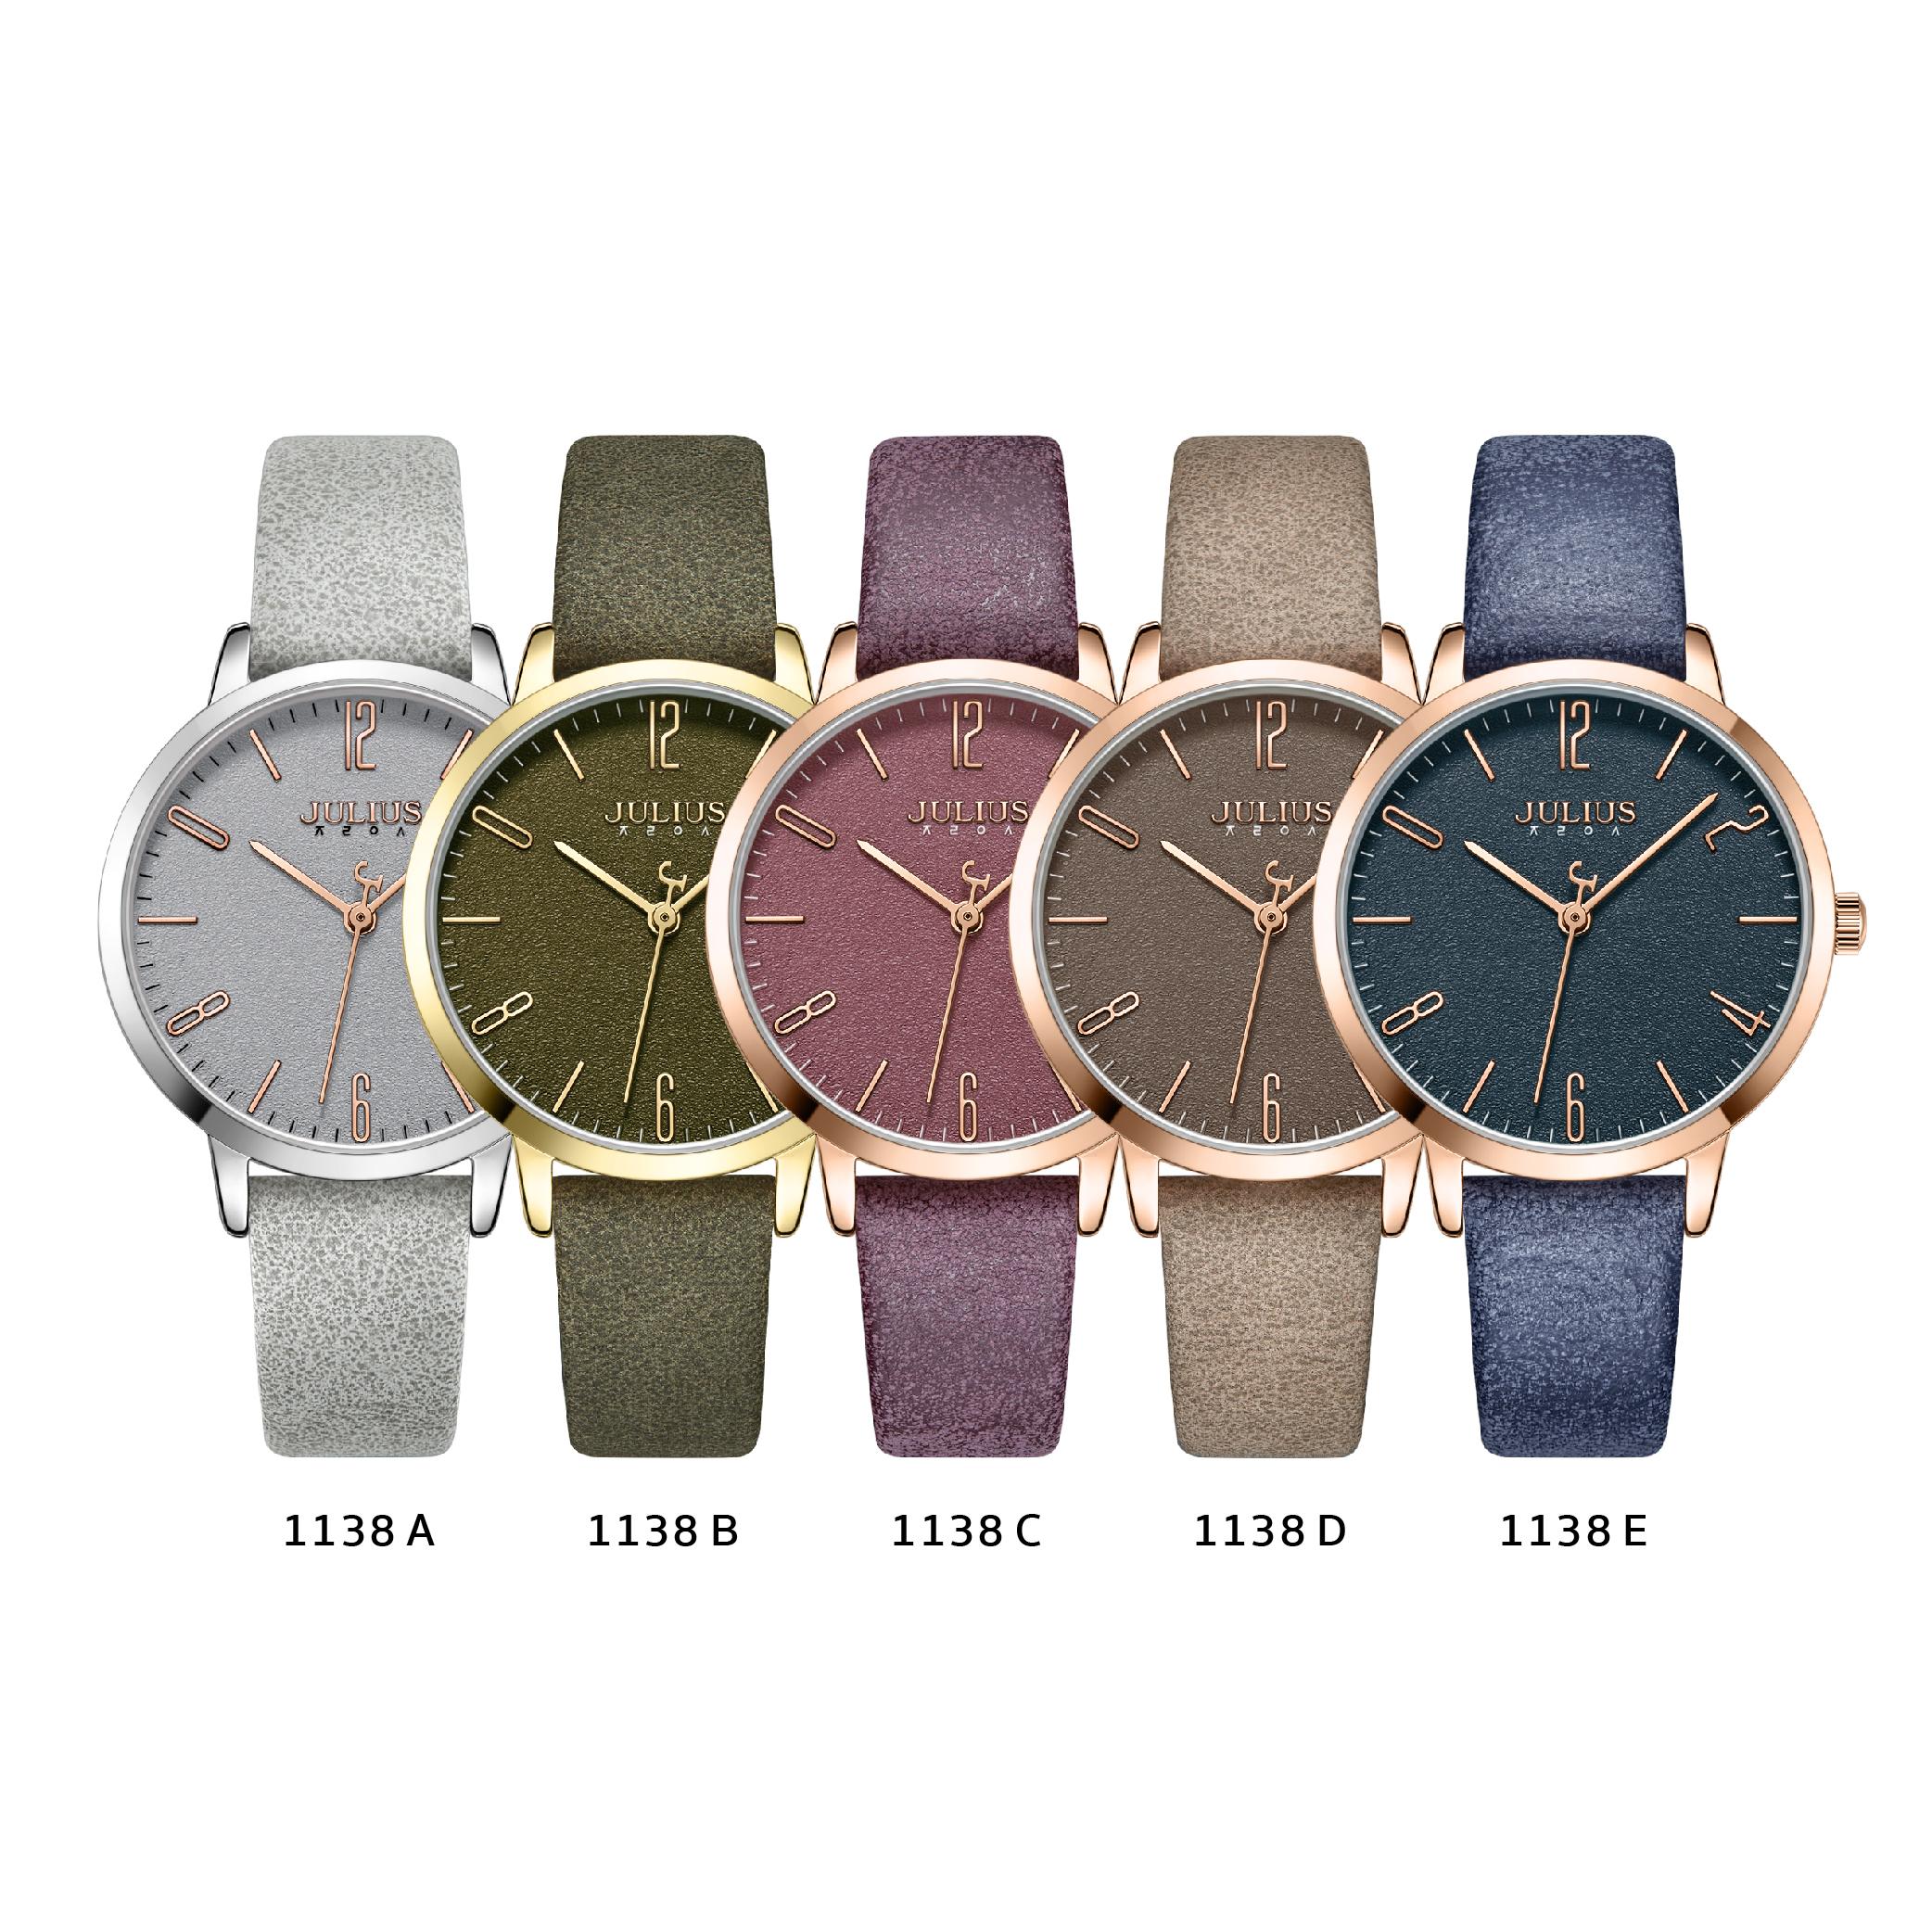 นาฬิกาข้อมือผู้หญิง JULIUS 1138E